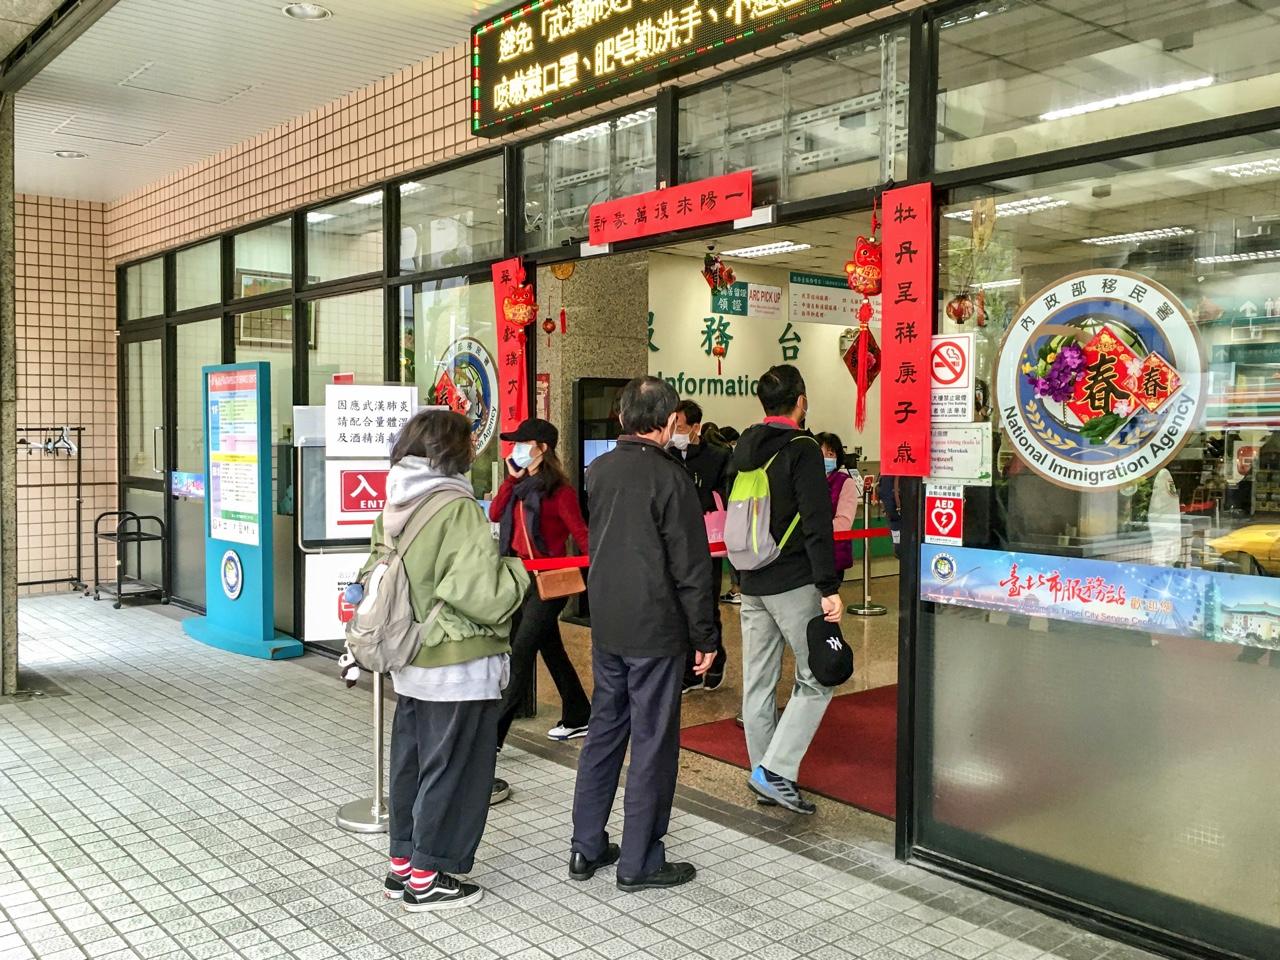 台北市の内政部移民署正面入口